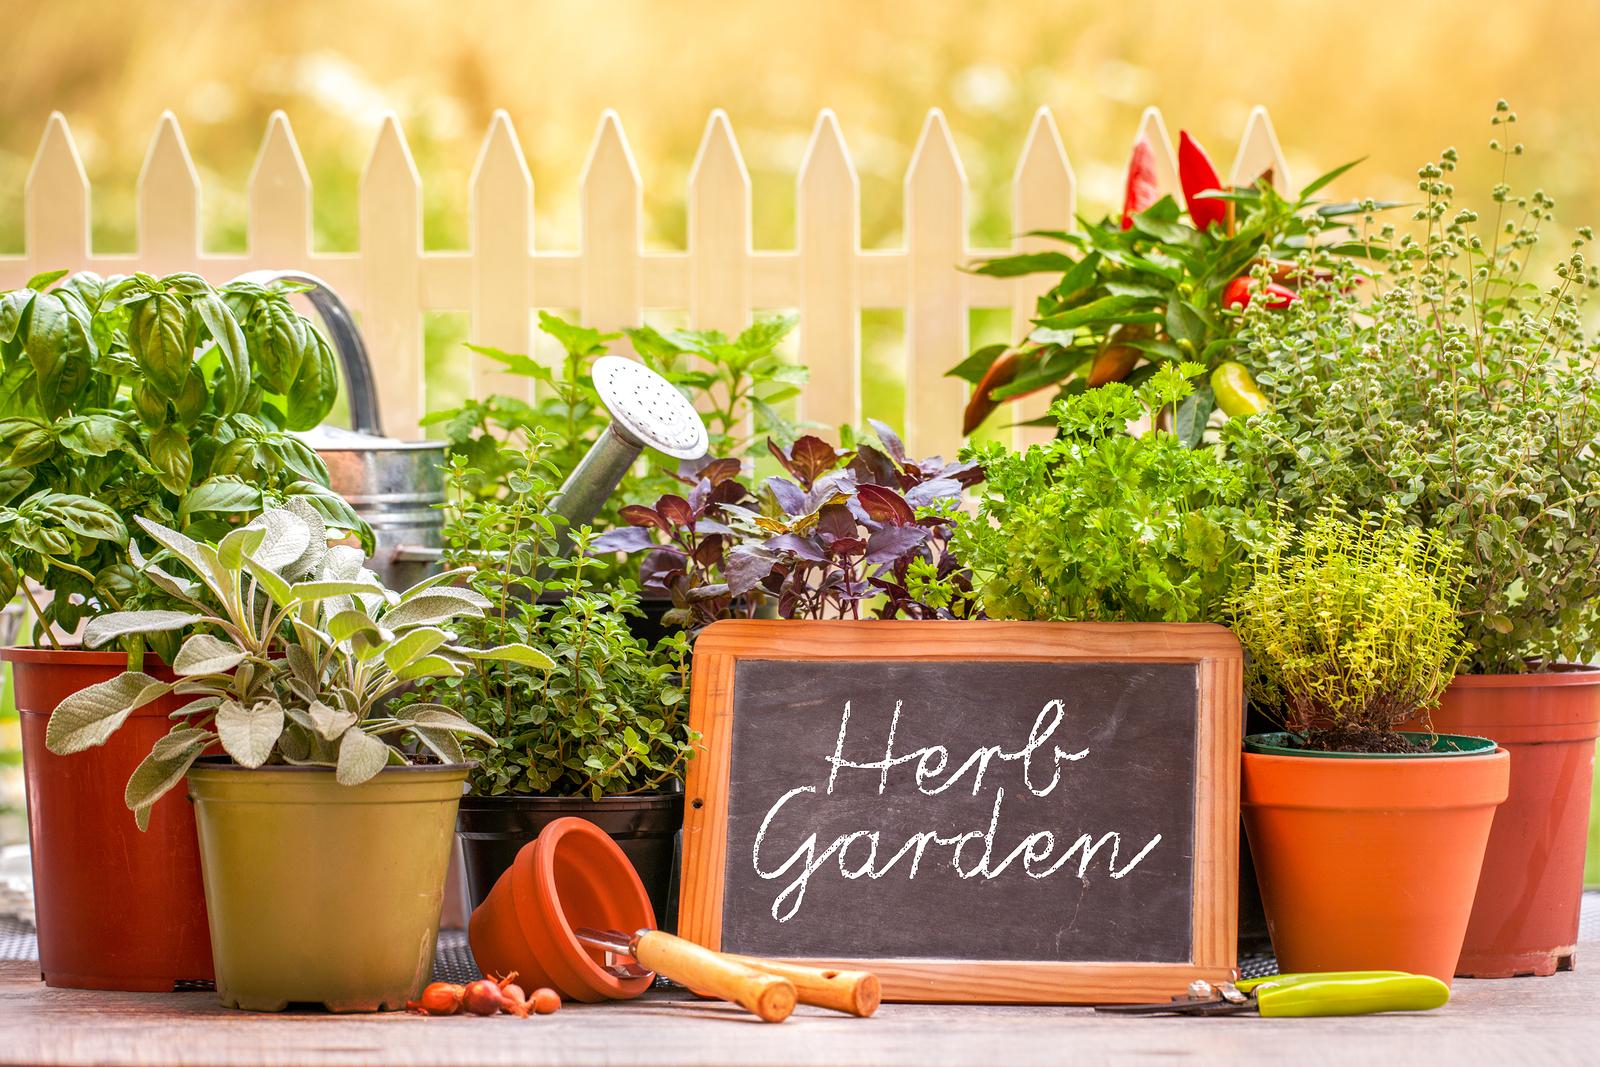 herbs, herb garden, herb growing